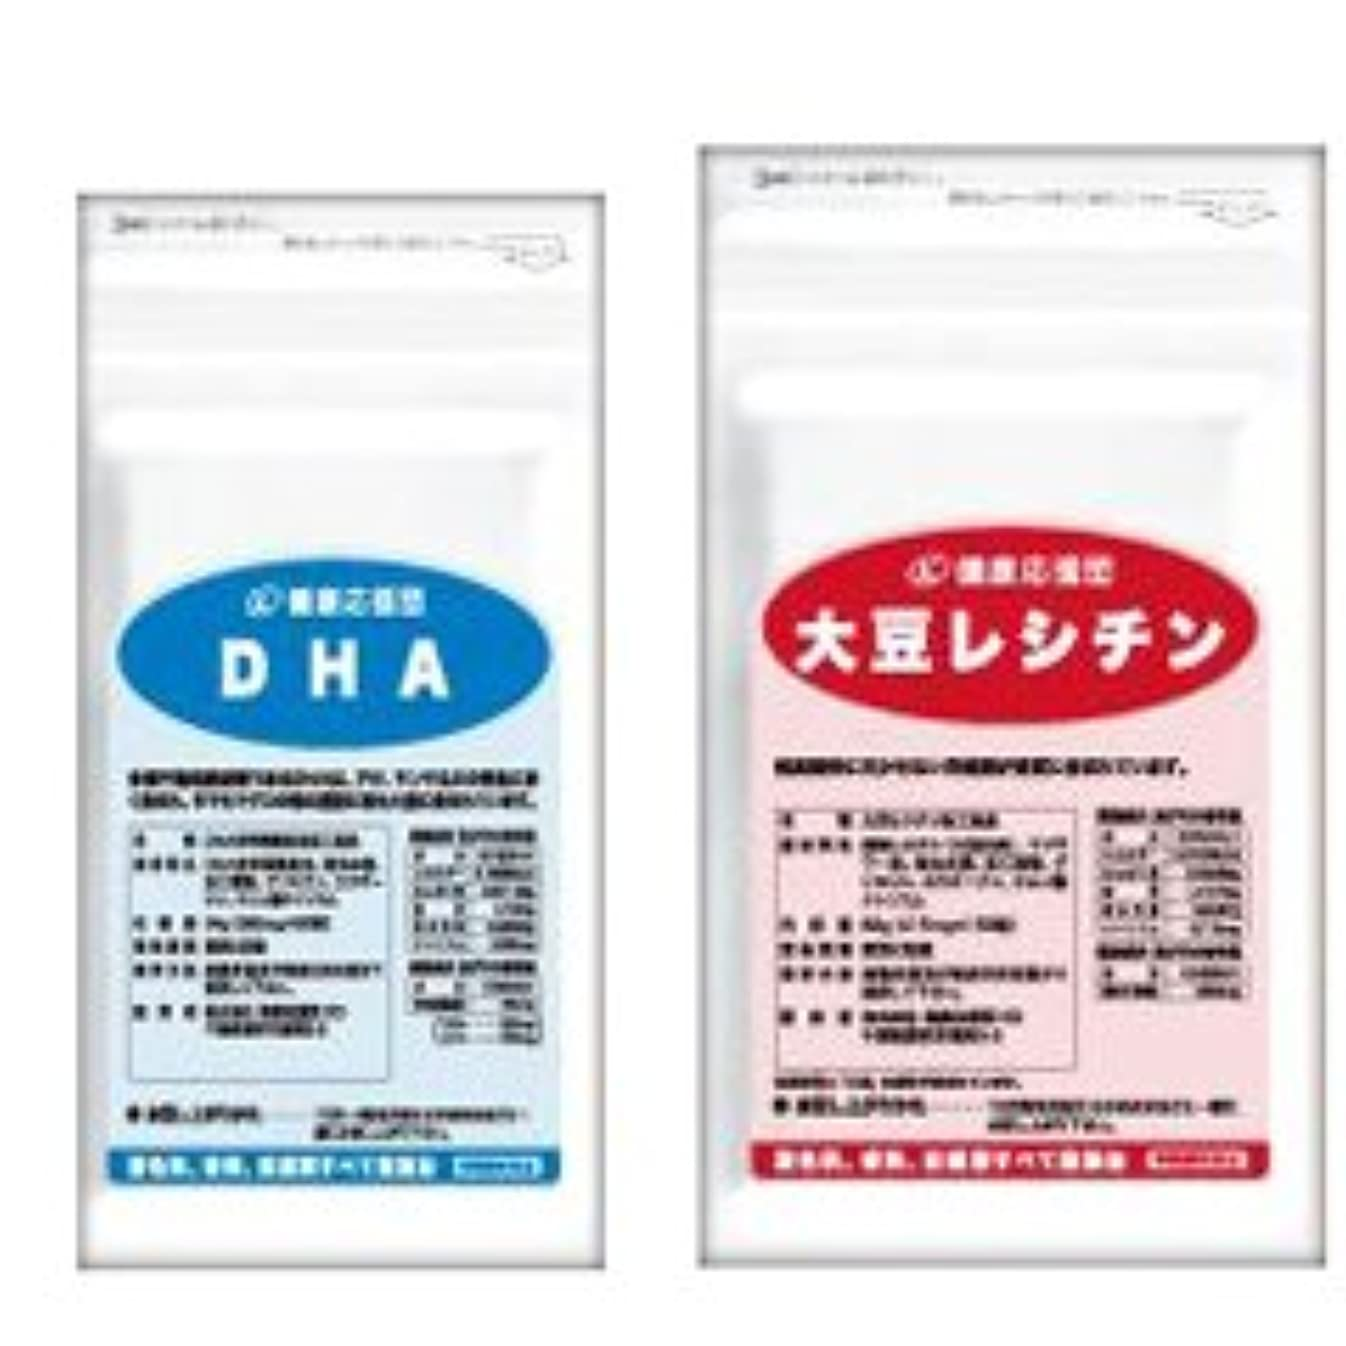 サラサラ巡りセット 大豆レシチン + DHA